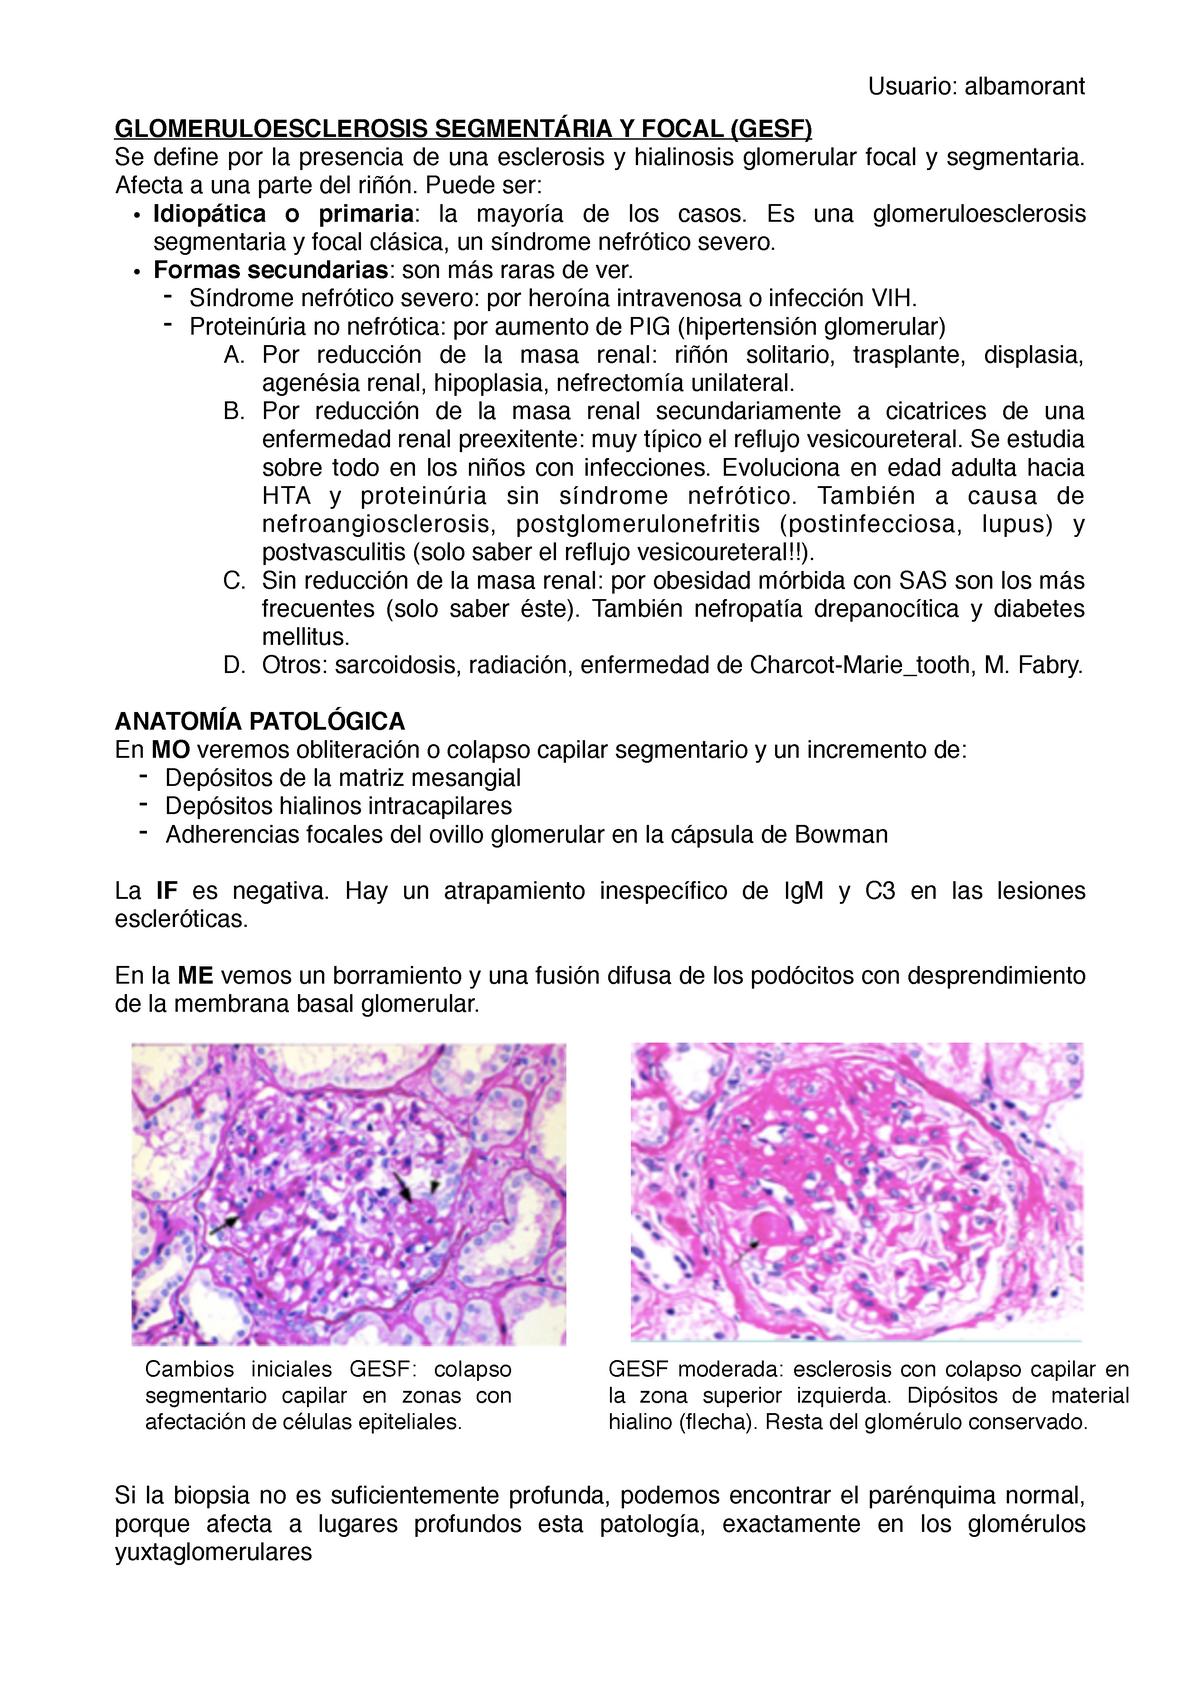 Medicación focal segmentaria glomeruloesclerosis hipertensión